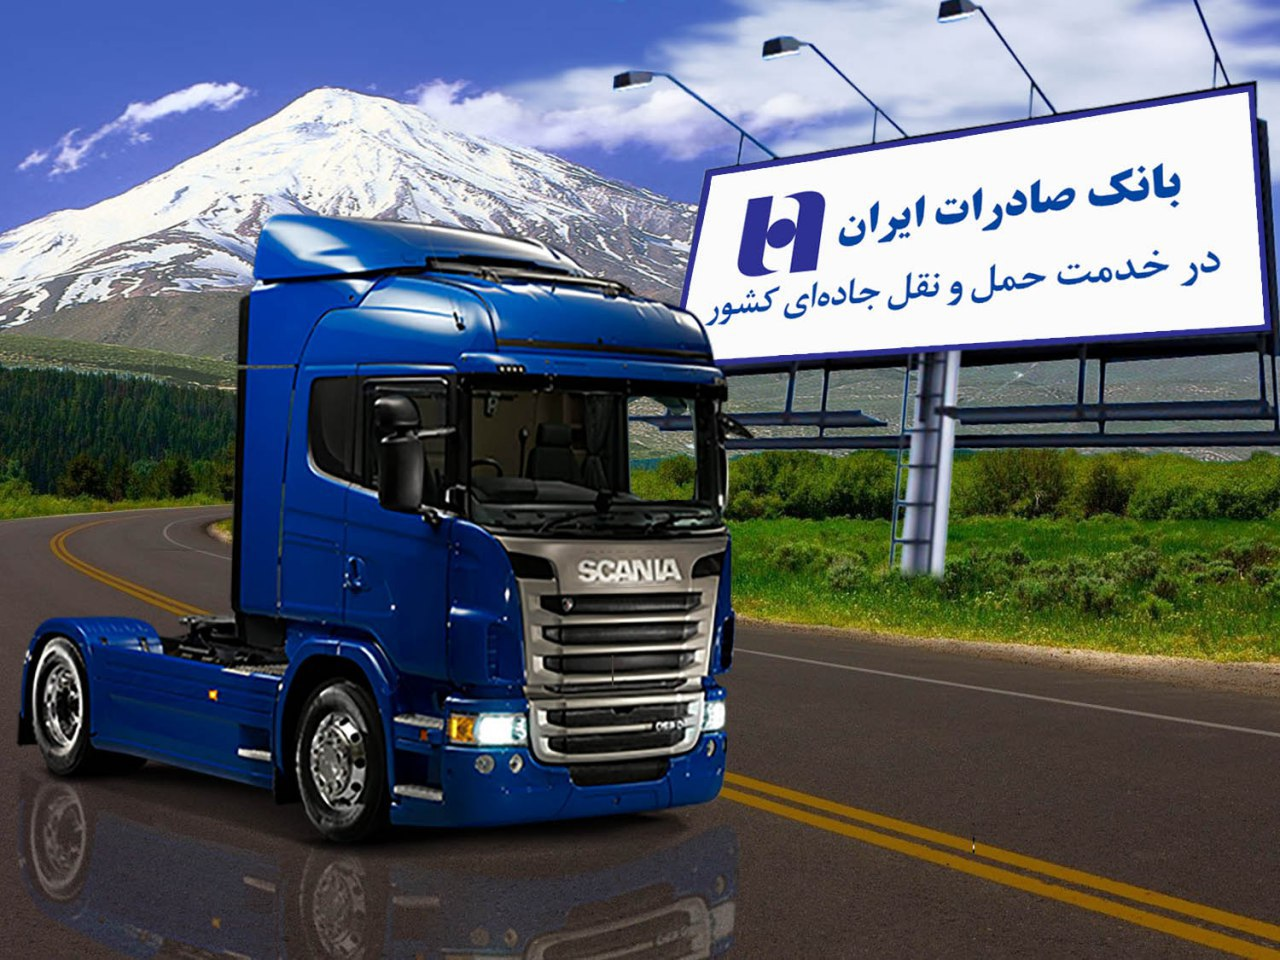 حمایت بانک صادرات از نوسازی خودرو های سنگین